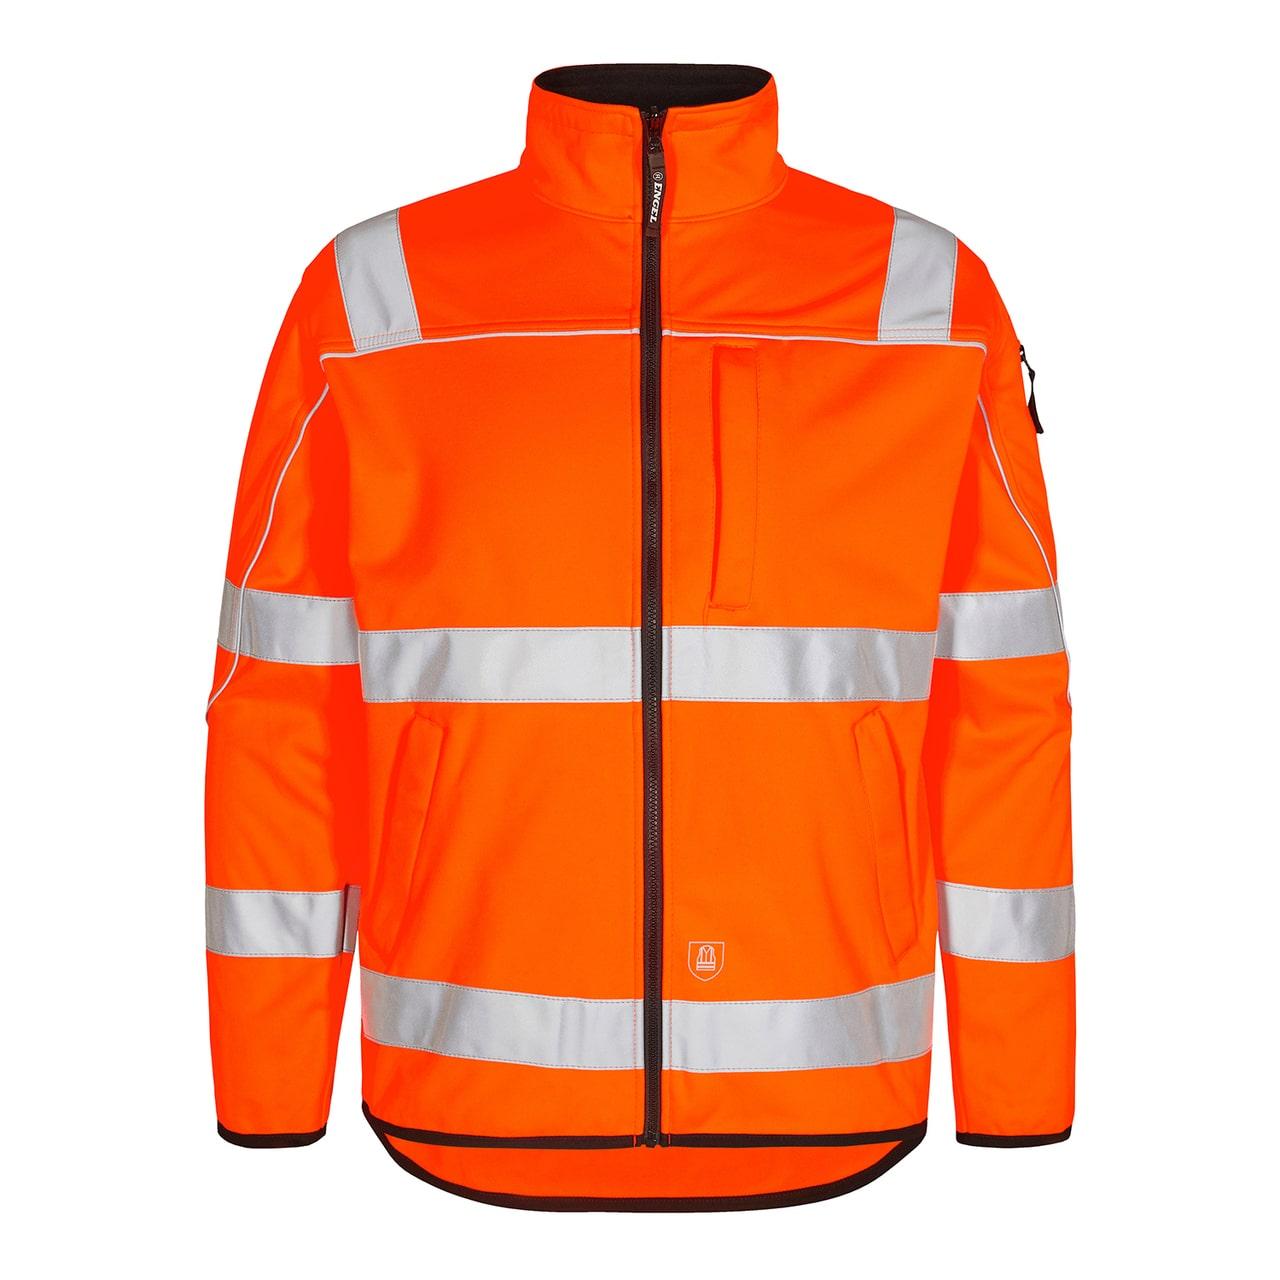 FE Engel Warnschutz-Bundjacke Light 2 Farben EN ISO 20471